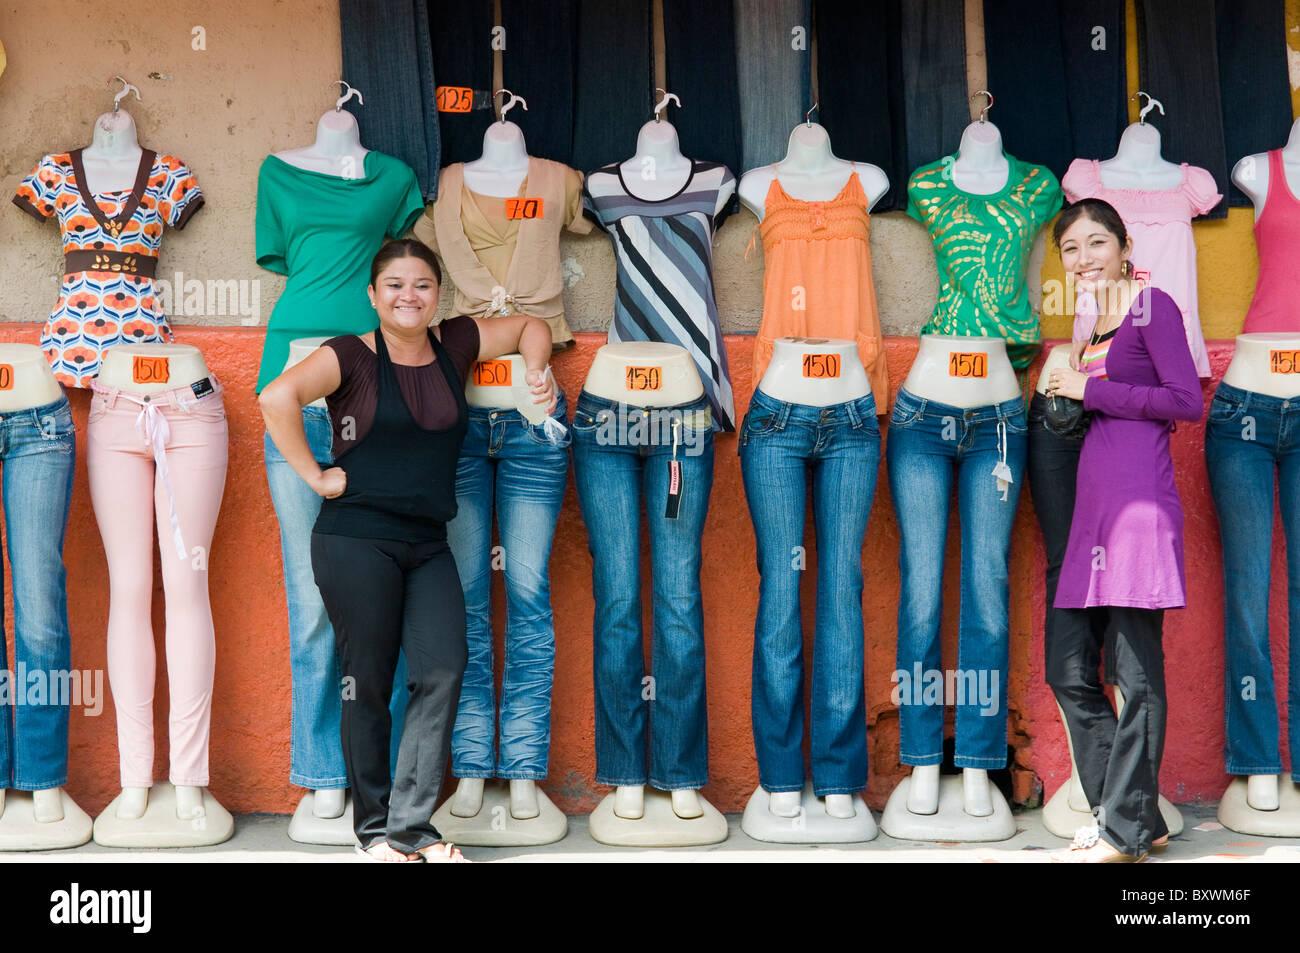 Salesladies in front of Shop Leon Nicaragua - Stock Image